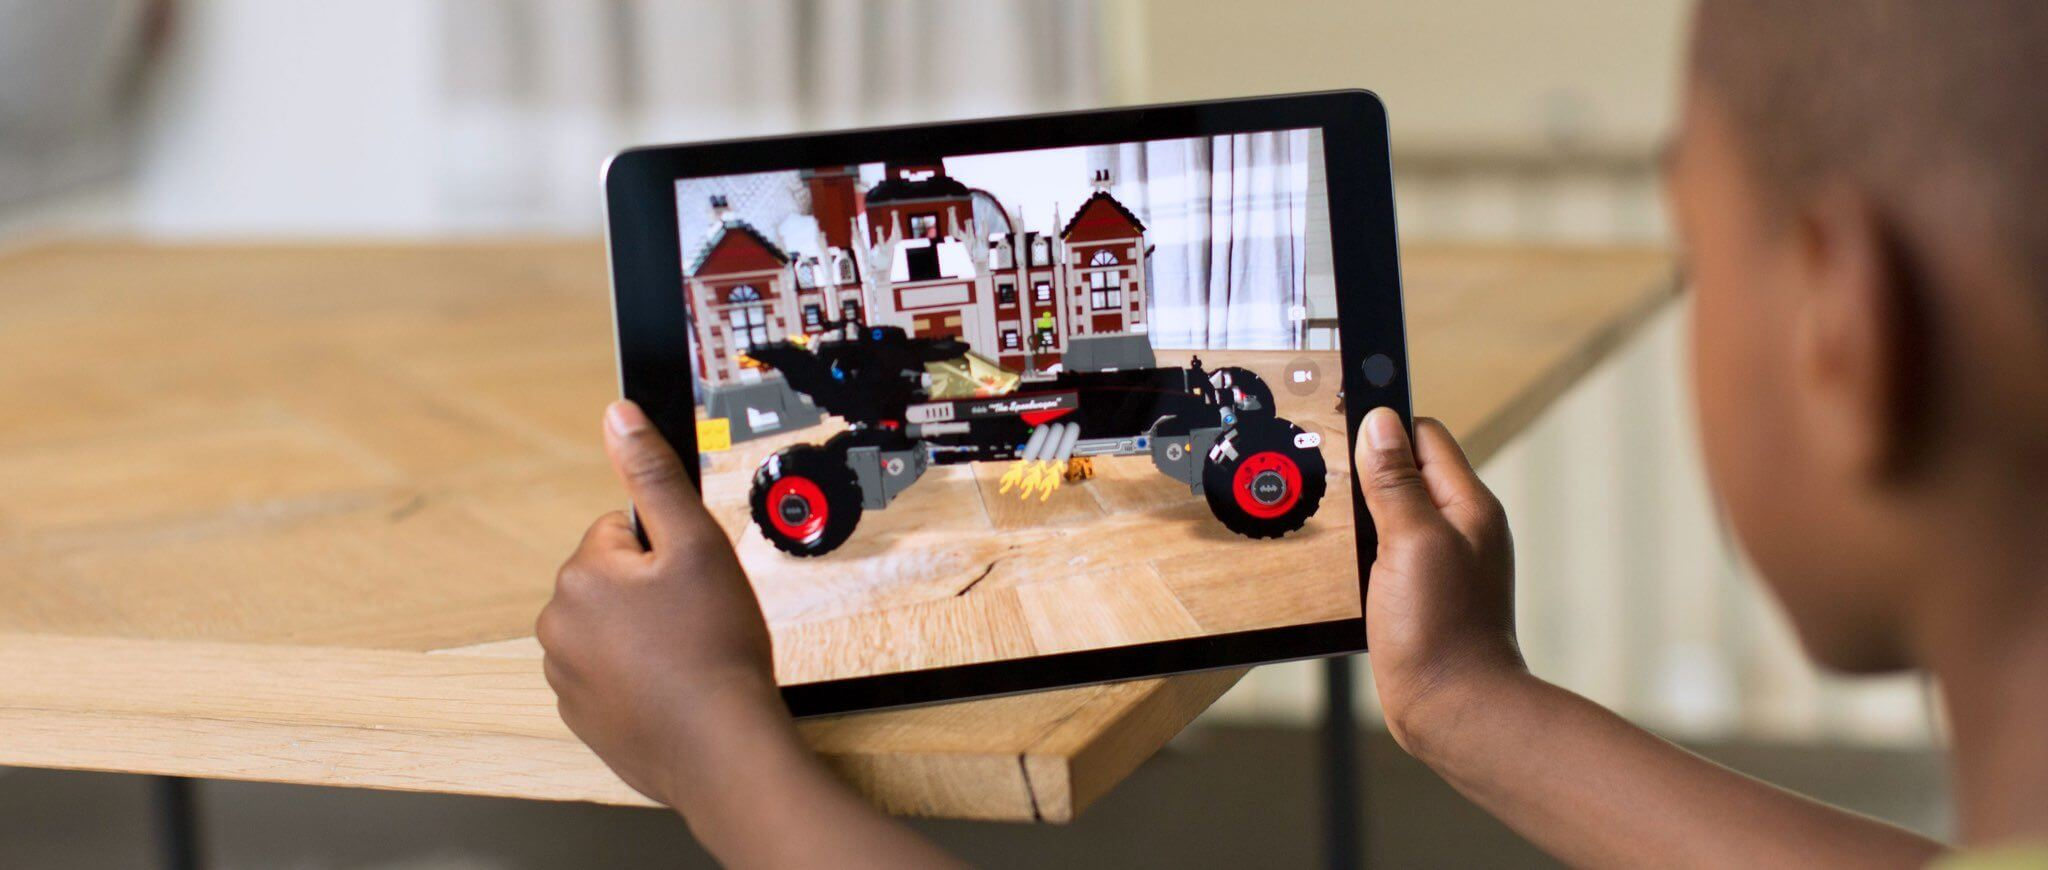 10 Apps de Realidade Aumentada que você precisa ter no seu iPhone 6